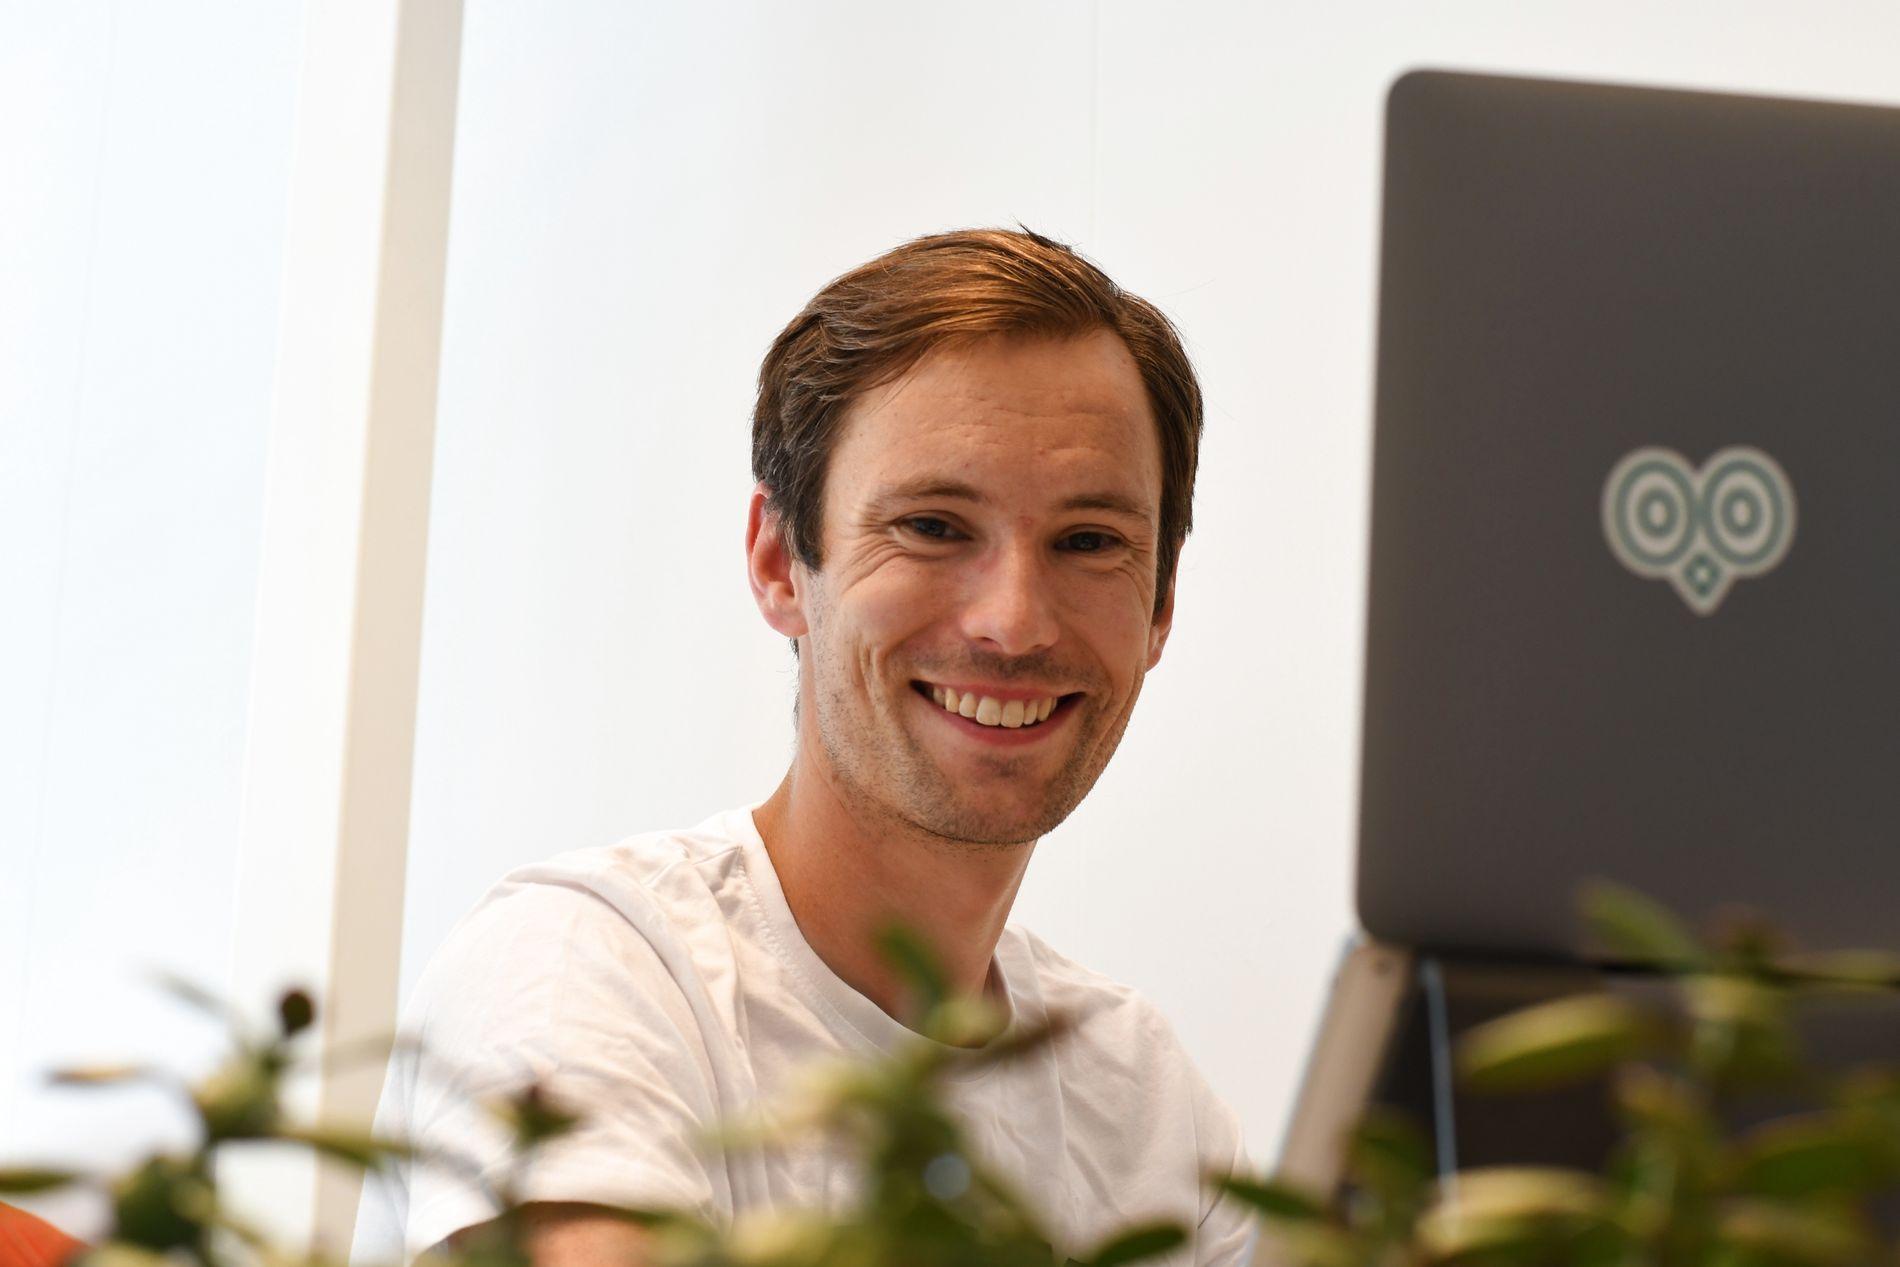 Emil Johan Oliver, co-founder og daglig leder i Hubro Education, forteller at selskapet i dag leverer programmer til 70 prosent av norske skoler og fins i 13 land.